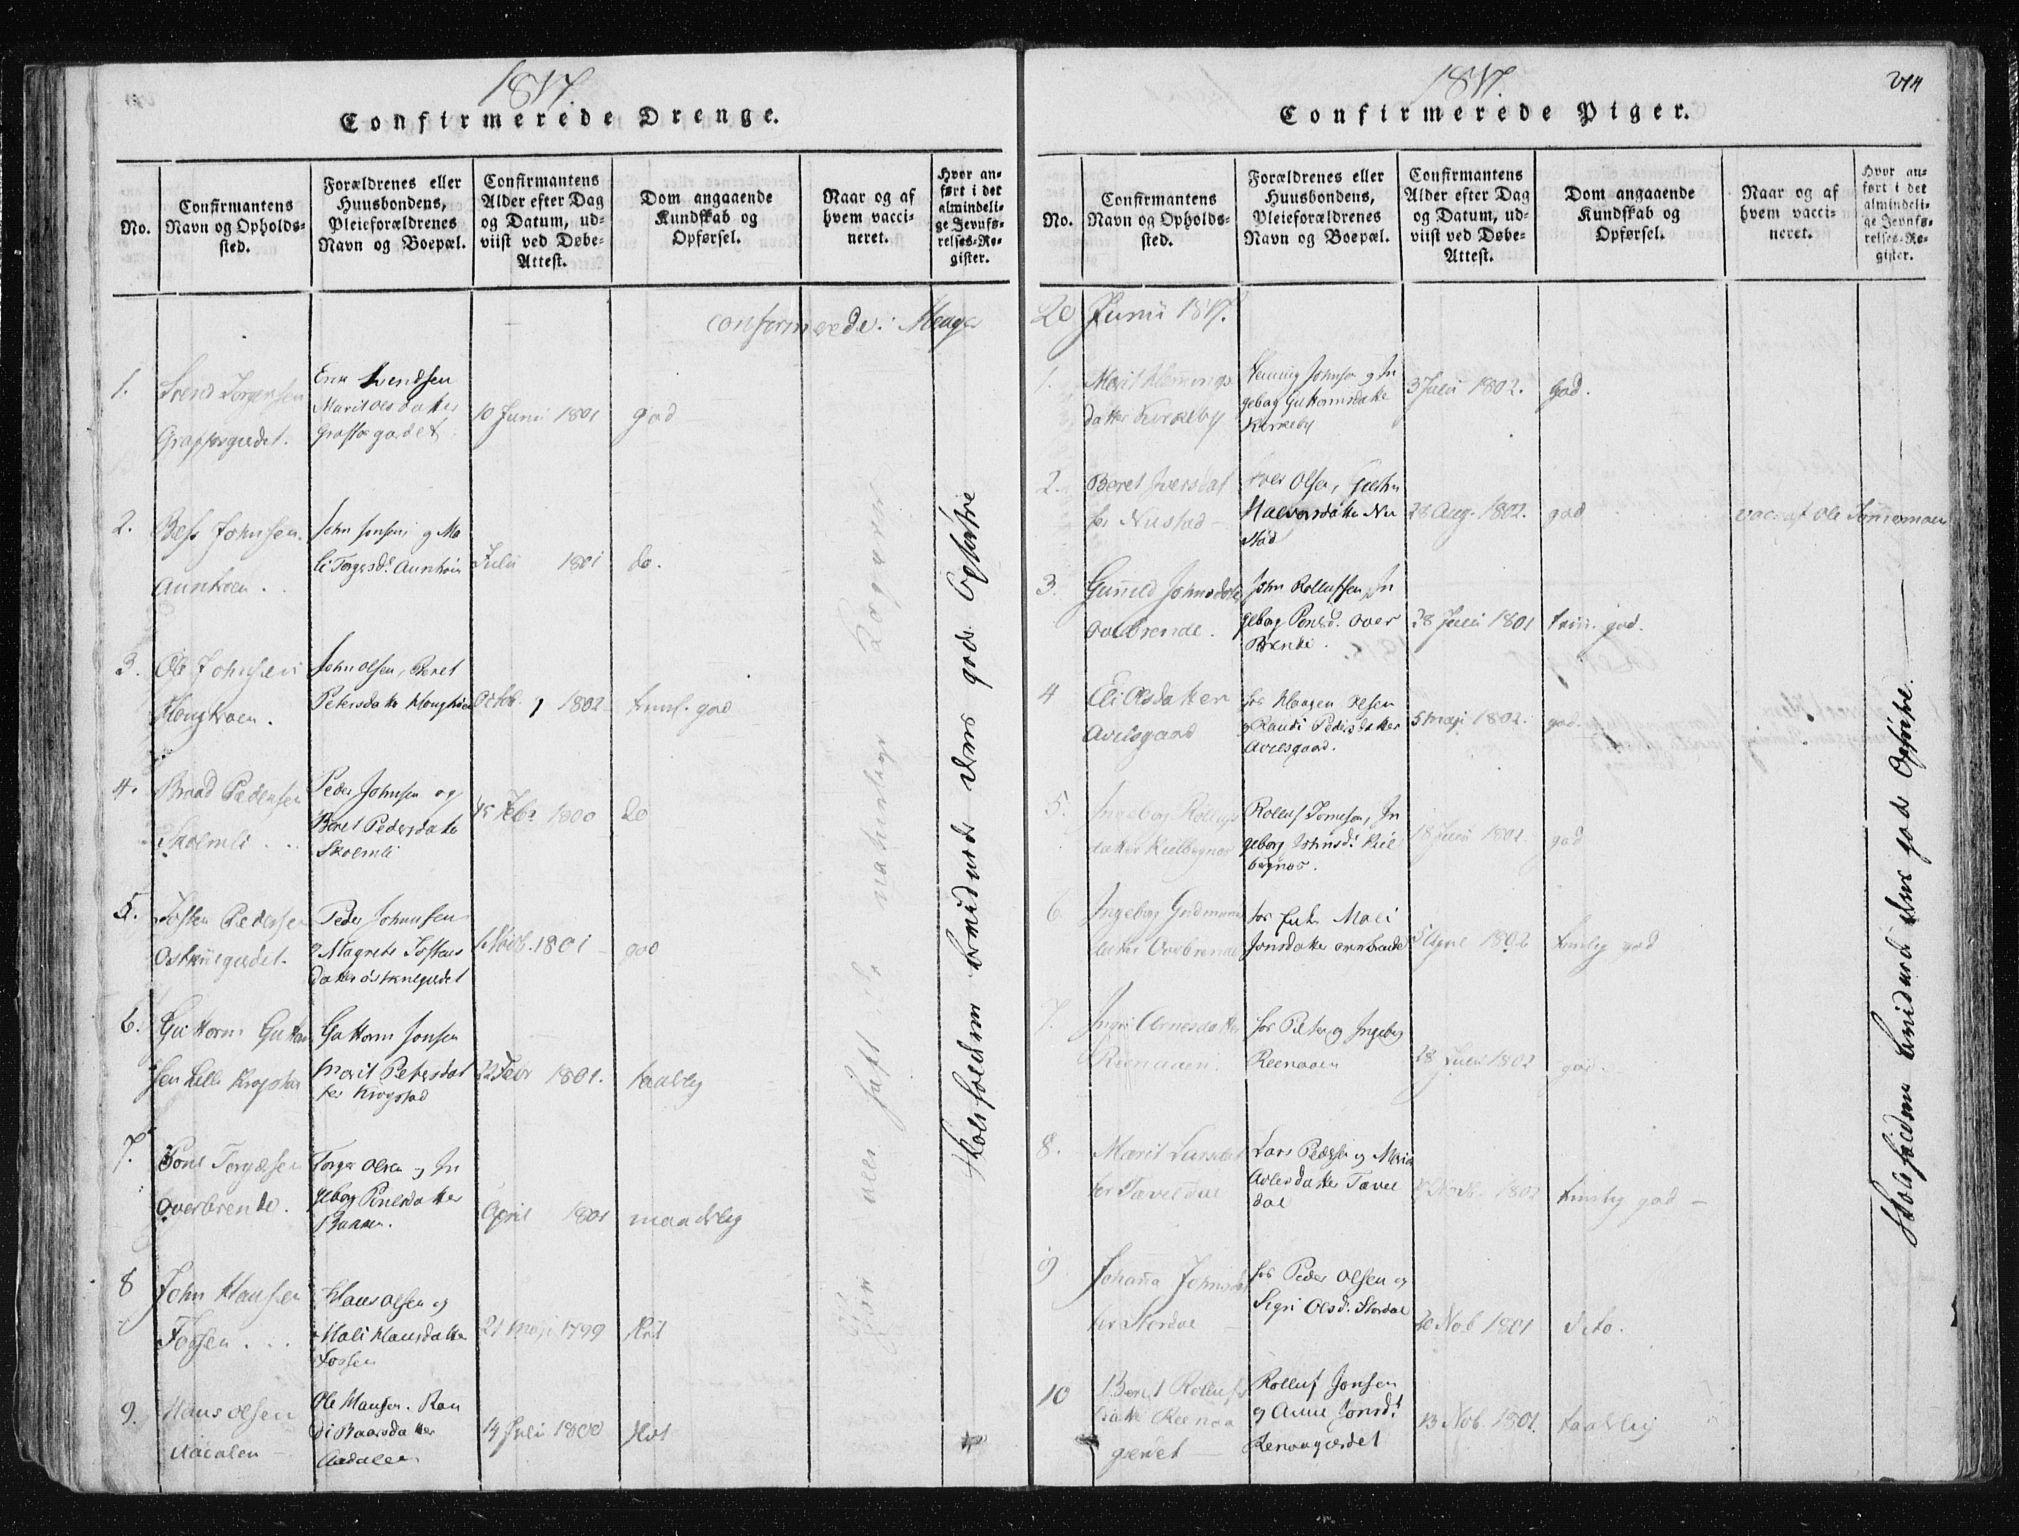 SAT, Ministerialprotokoller, klokkerbøker og fødselsregistre - Nord-Trøndelag, 709/L0061: Ministerialbok nr. 709A08 /4, 1815-1819, s. 274